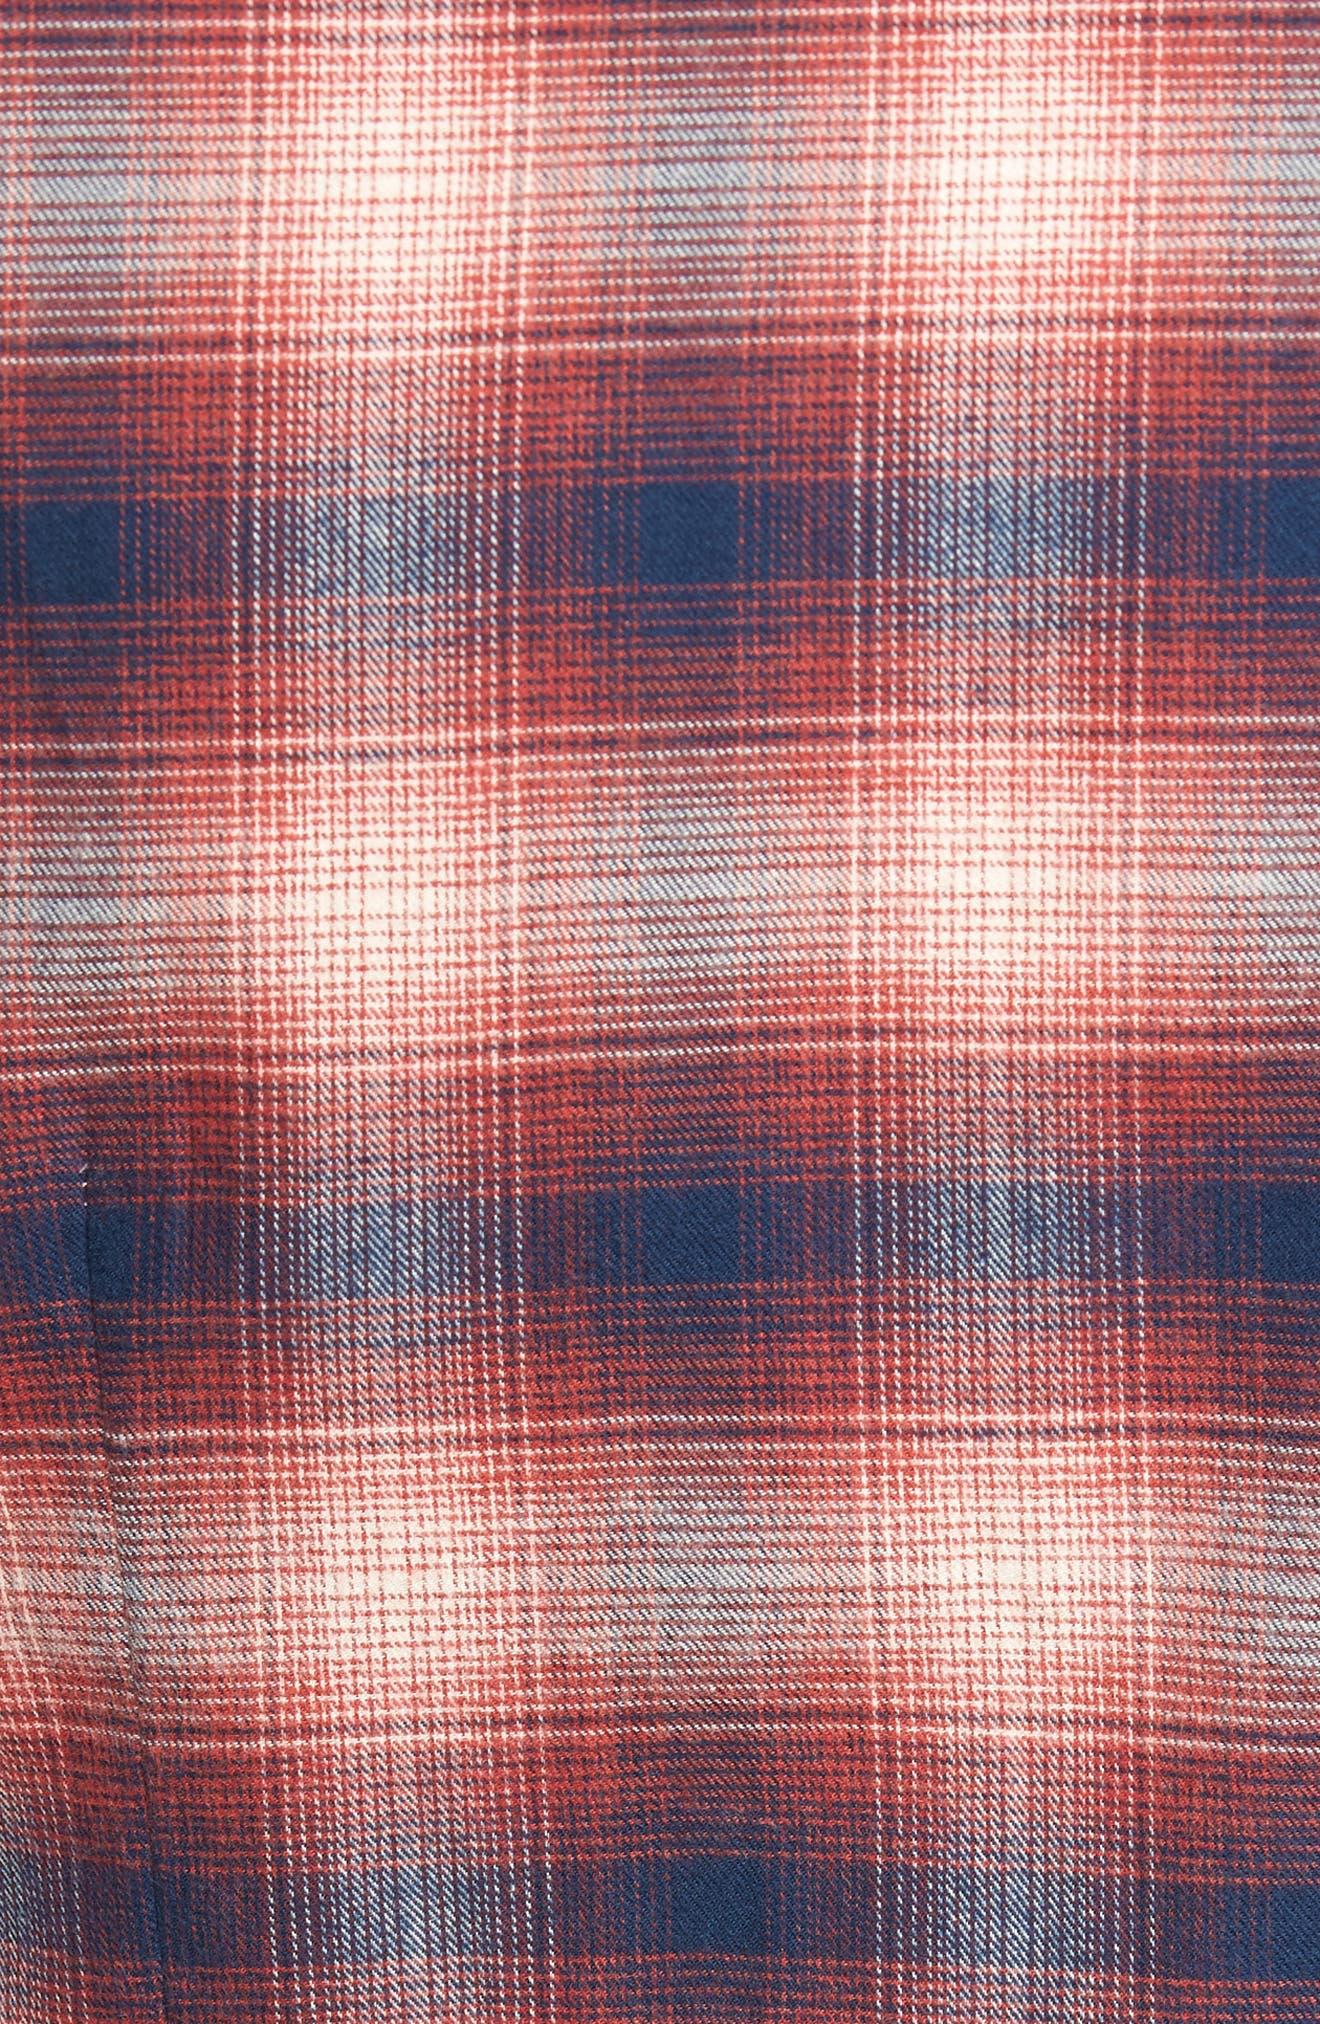 Ombré Plaid Flannel Sport Shirt,                             Alternate thumbnail 5, color,                             Red